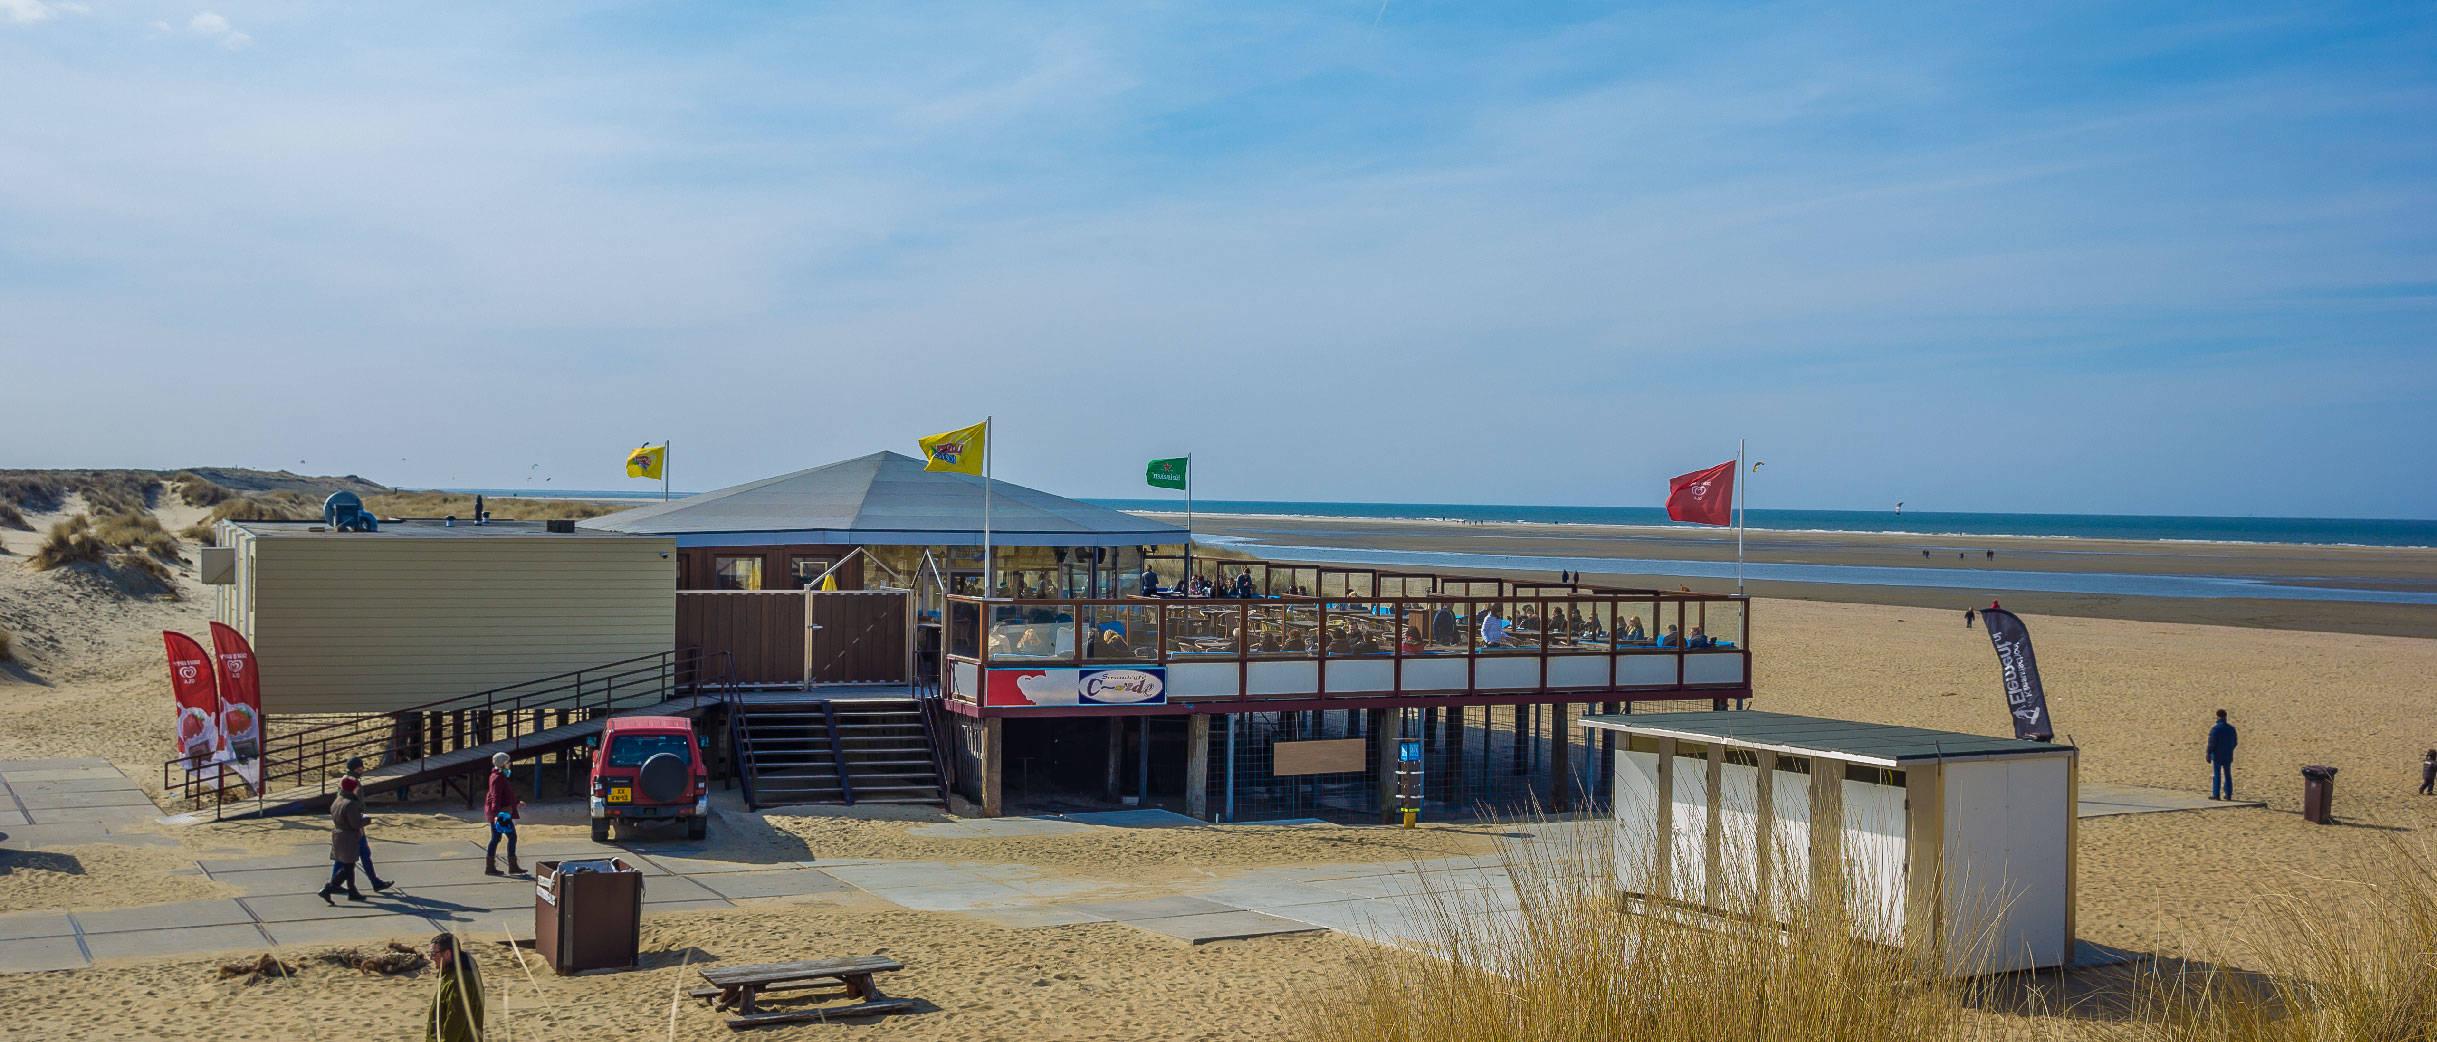 Werken op Goeree-Overflakkee betekent werken aan het strand, op één van de gezellige campings of vakantieparken of in één van de karakteristieke dorpjes. Kortom volop werk! Neem dus snel een kijkje, want jij verdient meer!